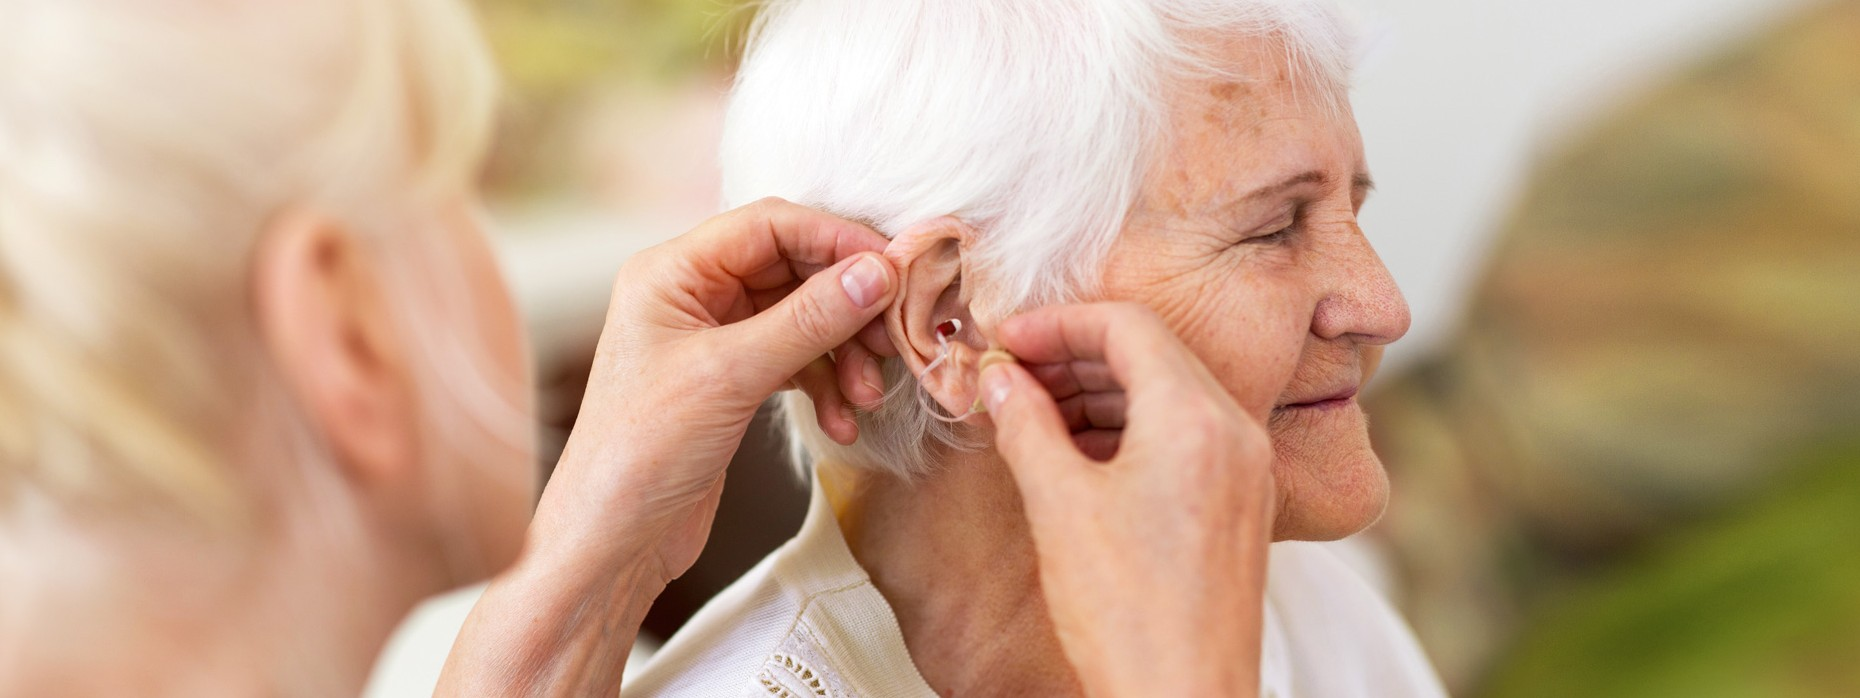 Einer Seniorin wird durch eine weibliche Person eine Hörhilfe in das Ohr eingesetzt.